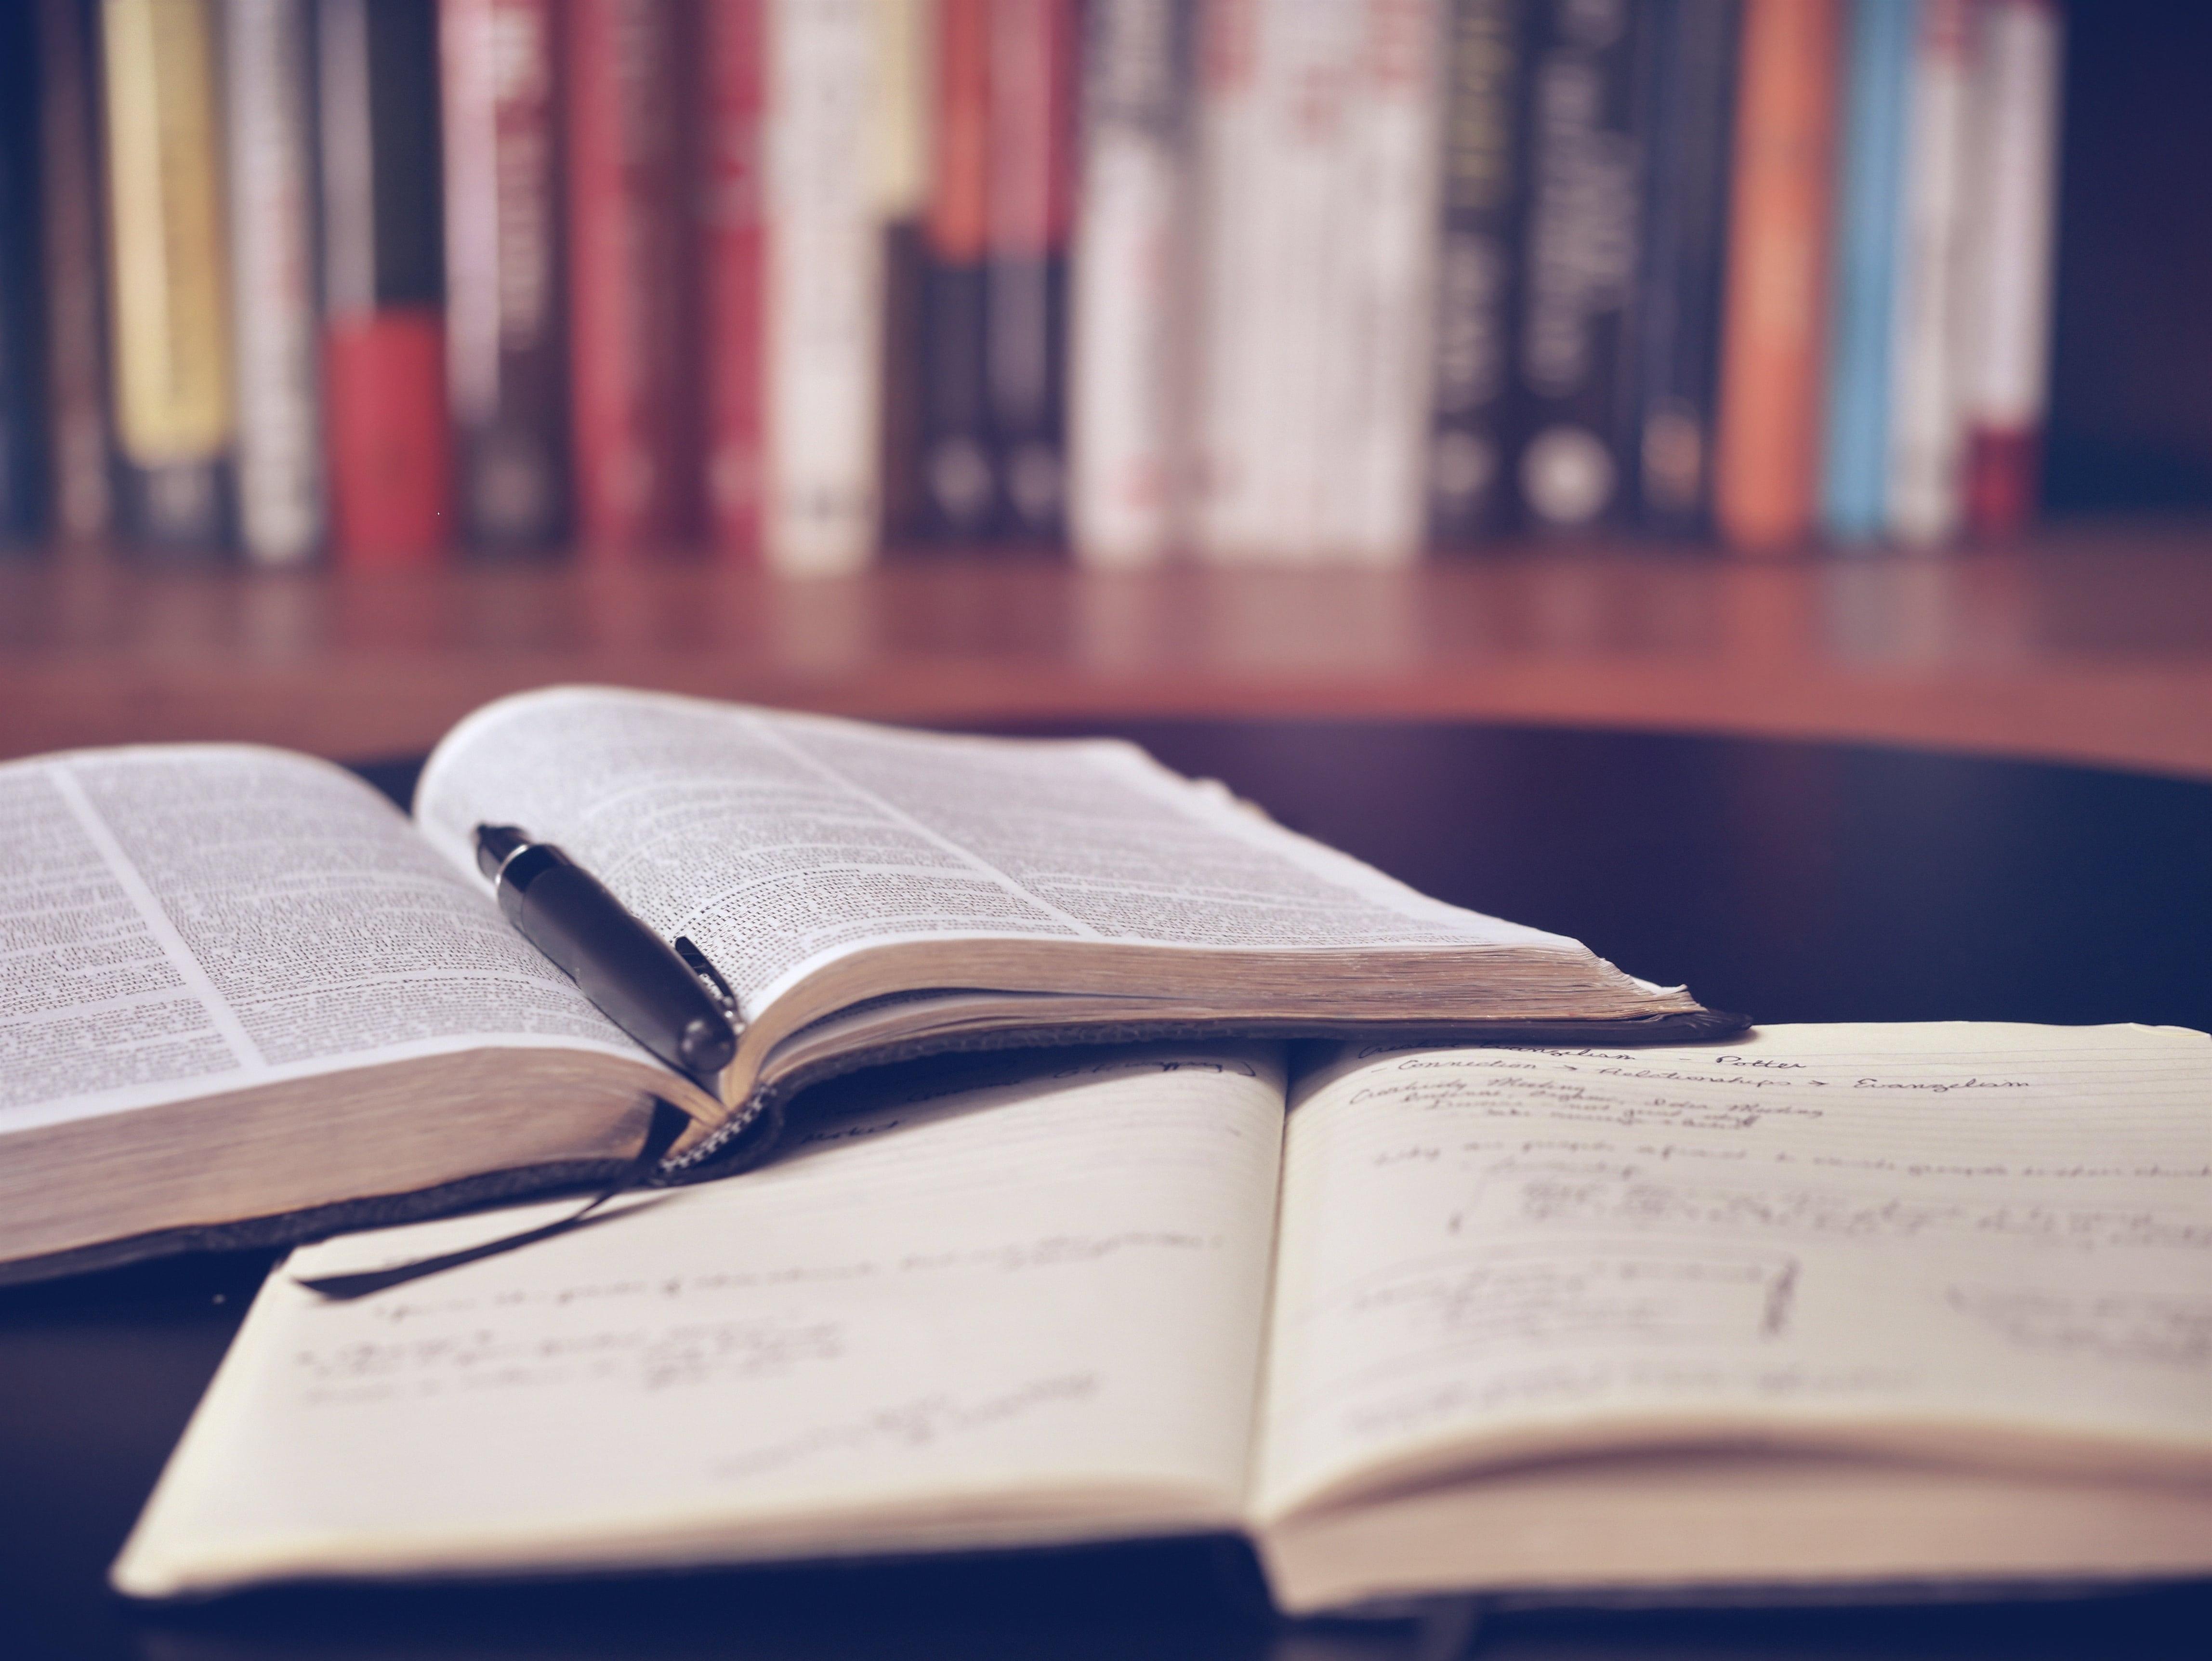 поступить в Польшу, высшее образование в Польше, учеба в Польше, обучение в Польше, образовательный центр AMBASADOR